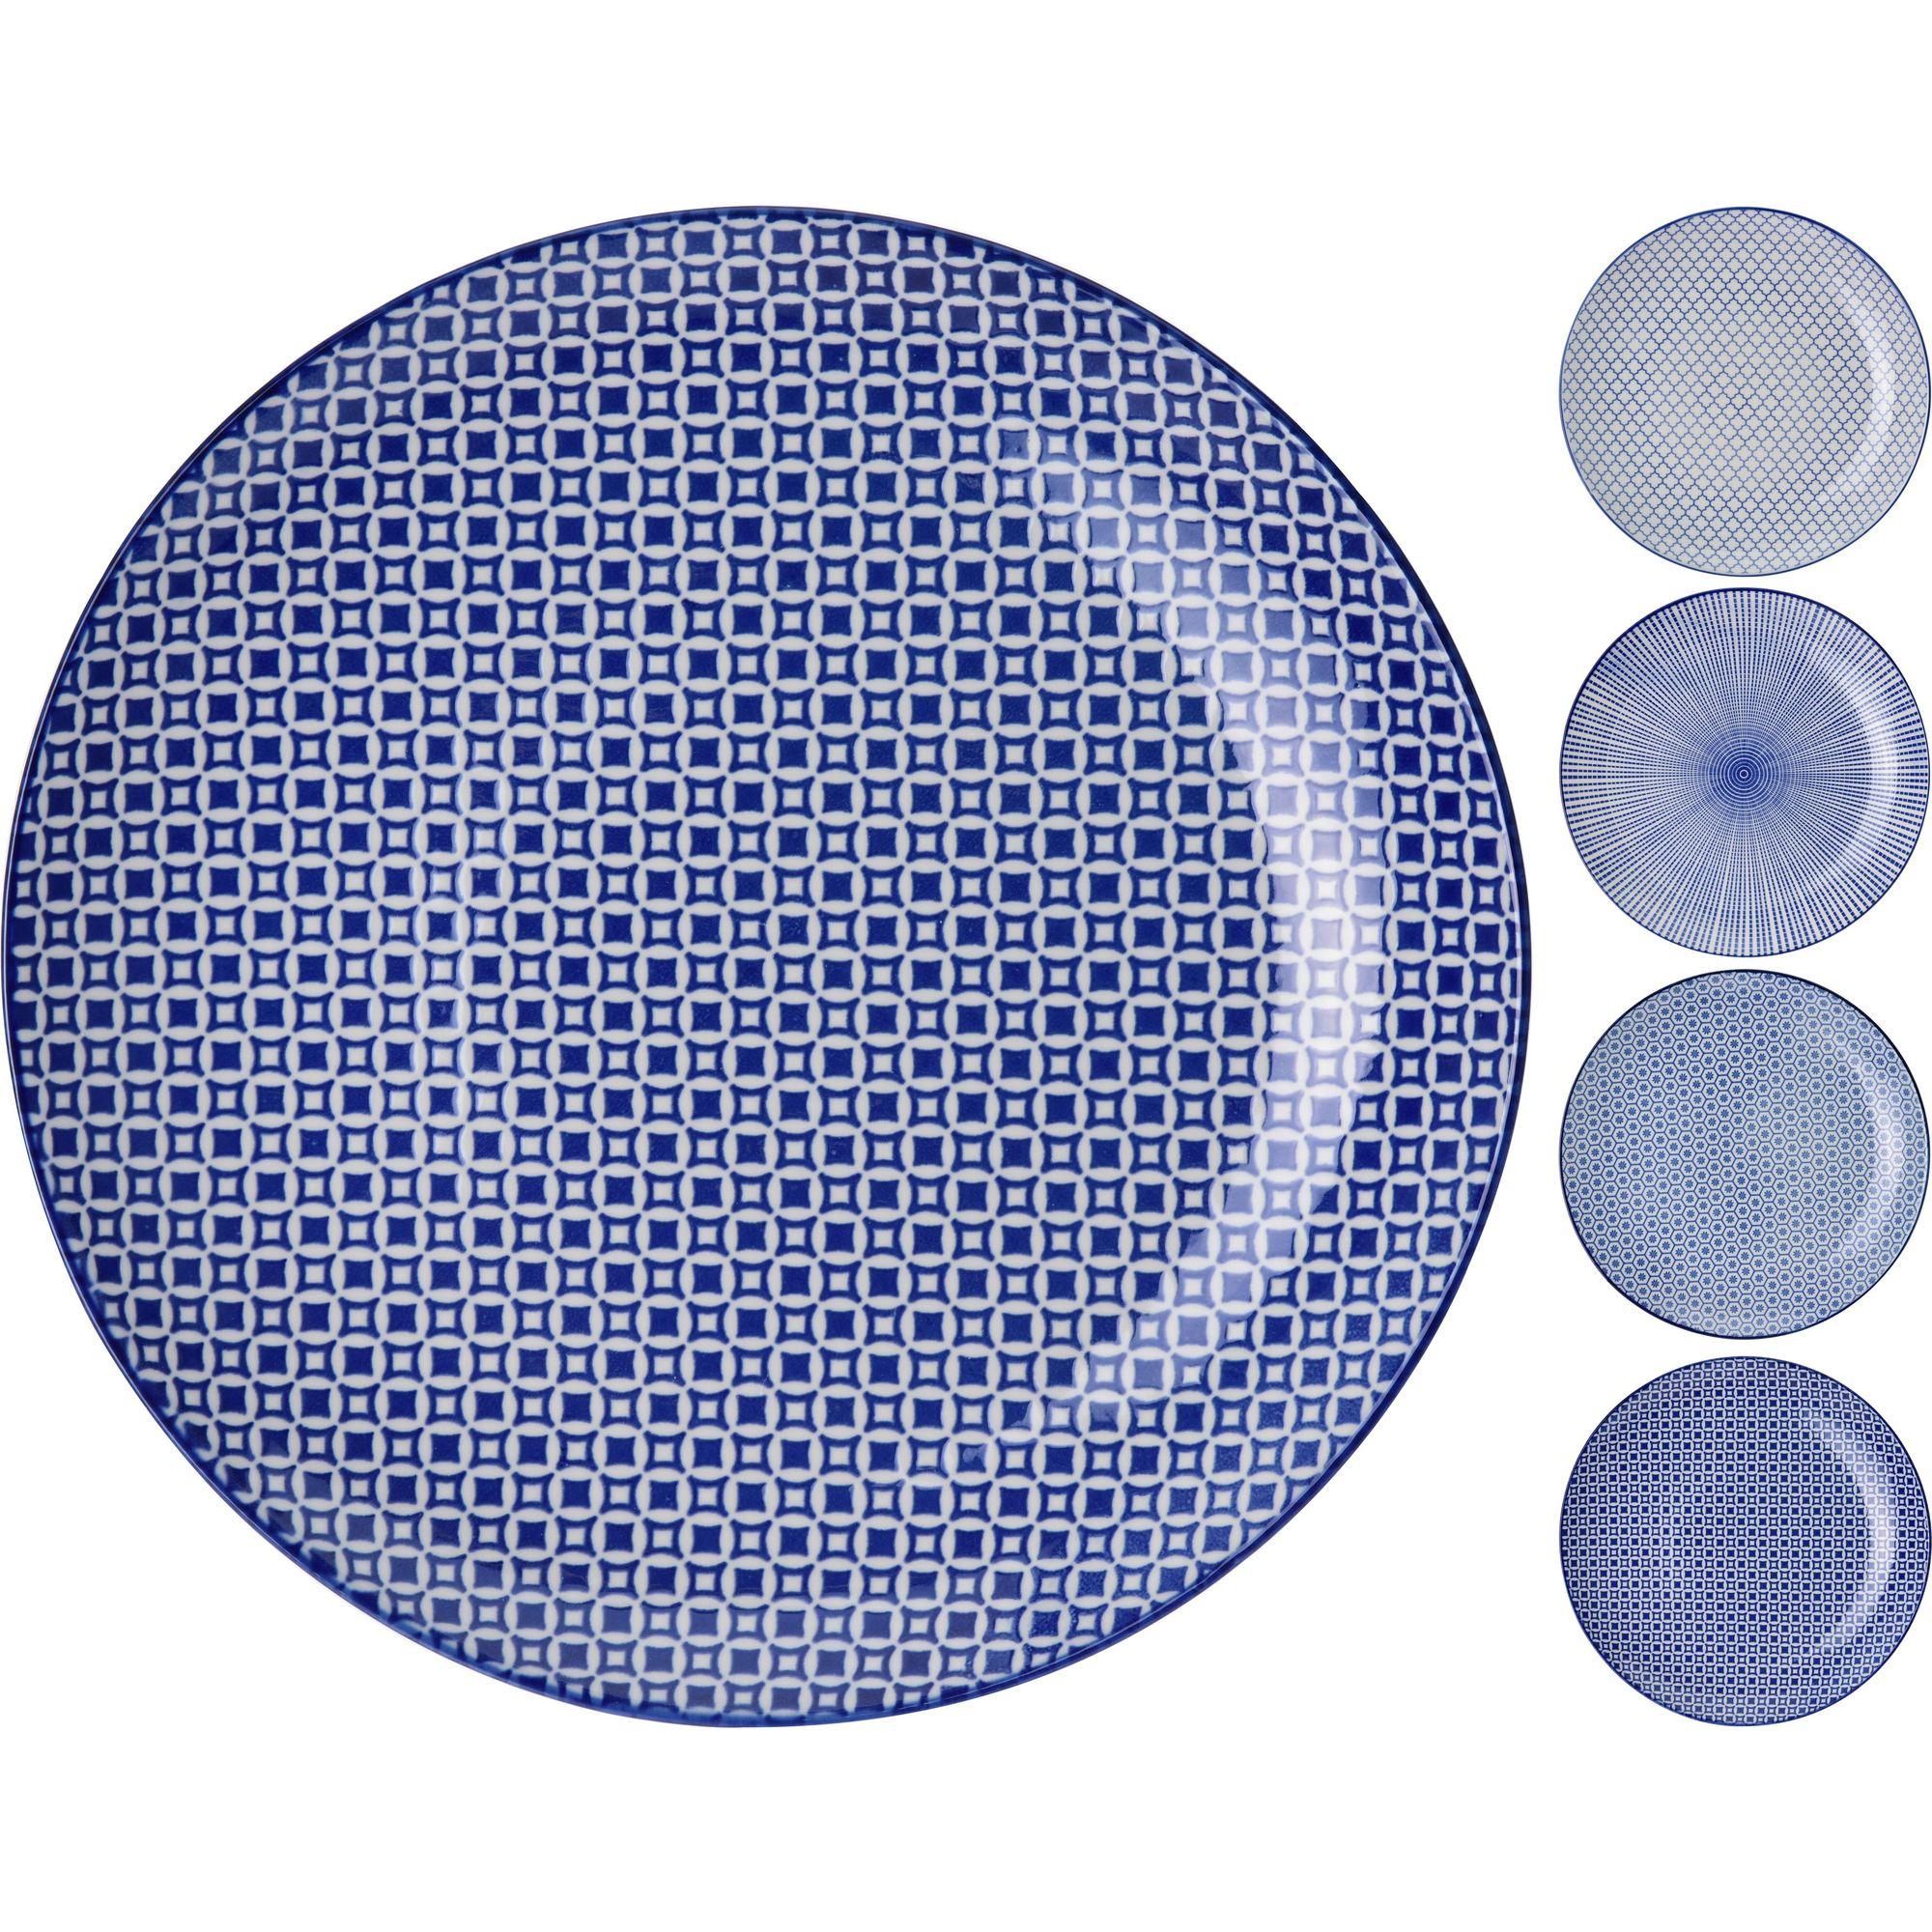 Тарелка 28 см в ассортиментеТарелка 28 см в ассортименте идеально подойдет для применения в доме как для ежедневной, так и для праздничной сервировки. Окружность тарелки среднего размера, она очень удобная, практически не скользит в руках. Оформлена посуда современно, здесь предусмотрен узор из геометрических форм, он мелкий, не слишком выделяется на фоне другой посуды.Удачно подобранная цветовая гамма позволит тарелке торговой марки Экселент Хаусвейр вписаться в кухонный интерьер. Спокойная расцветка не станет раздражать присутствующих за обеденным столом домочадцев или гостей. Использование качественных материалов продлит эксплуатацию этого изделия, а также привлечет потенциальных покупателей.<br>